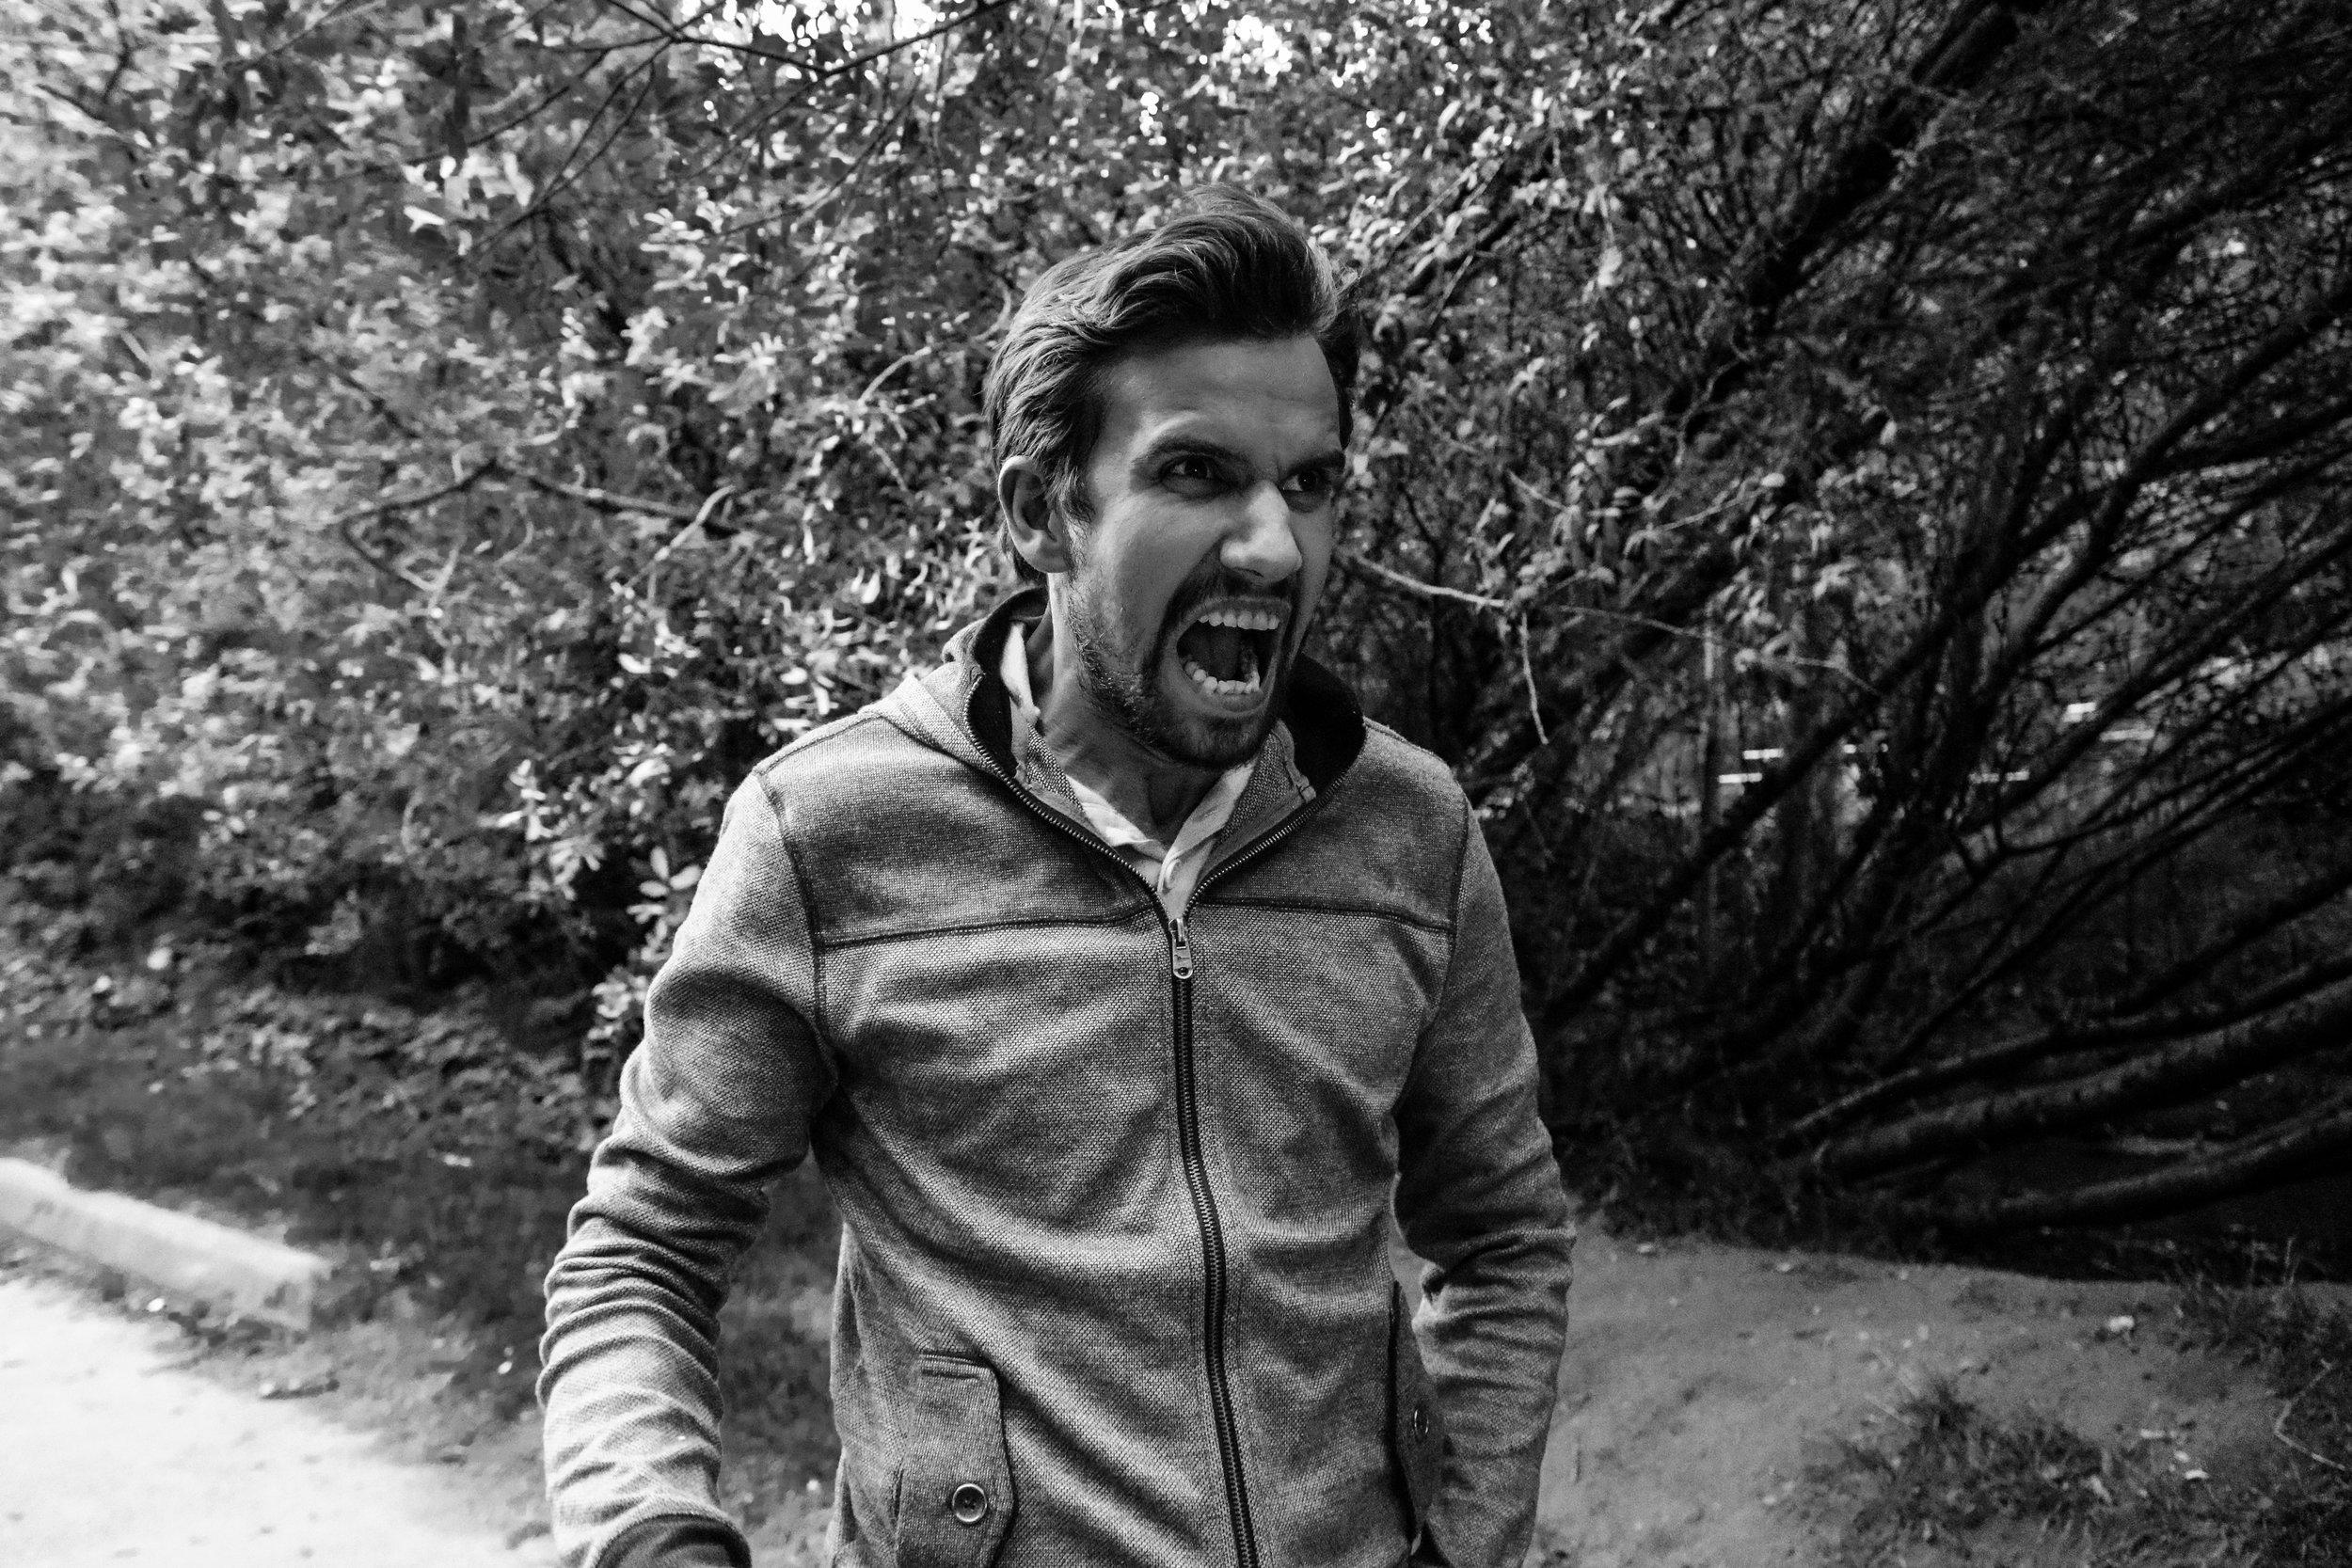 adult-anger-angry-277870.jpg